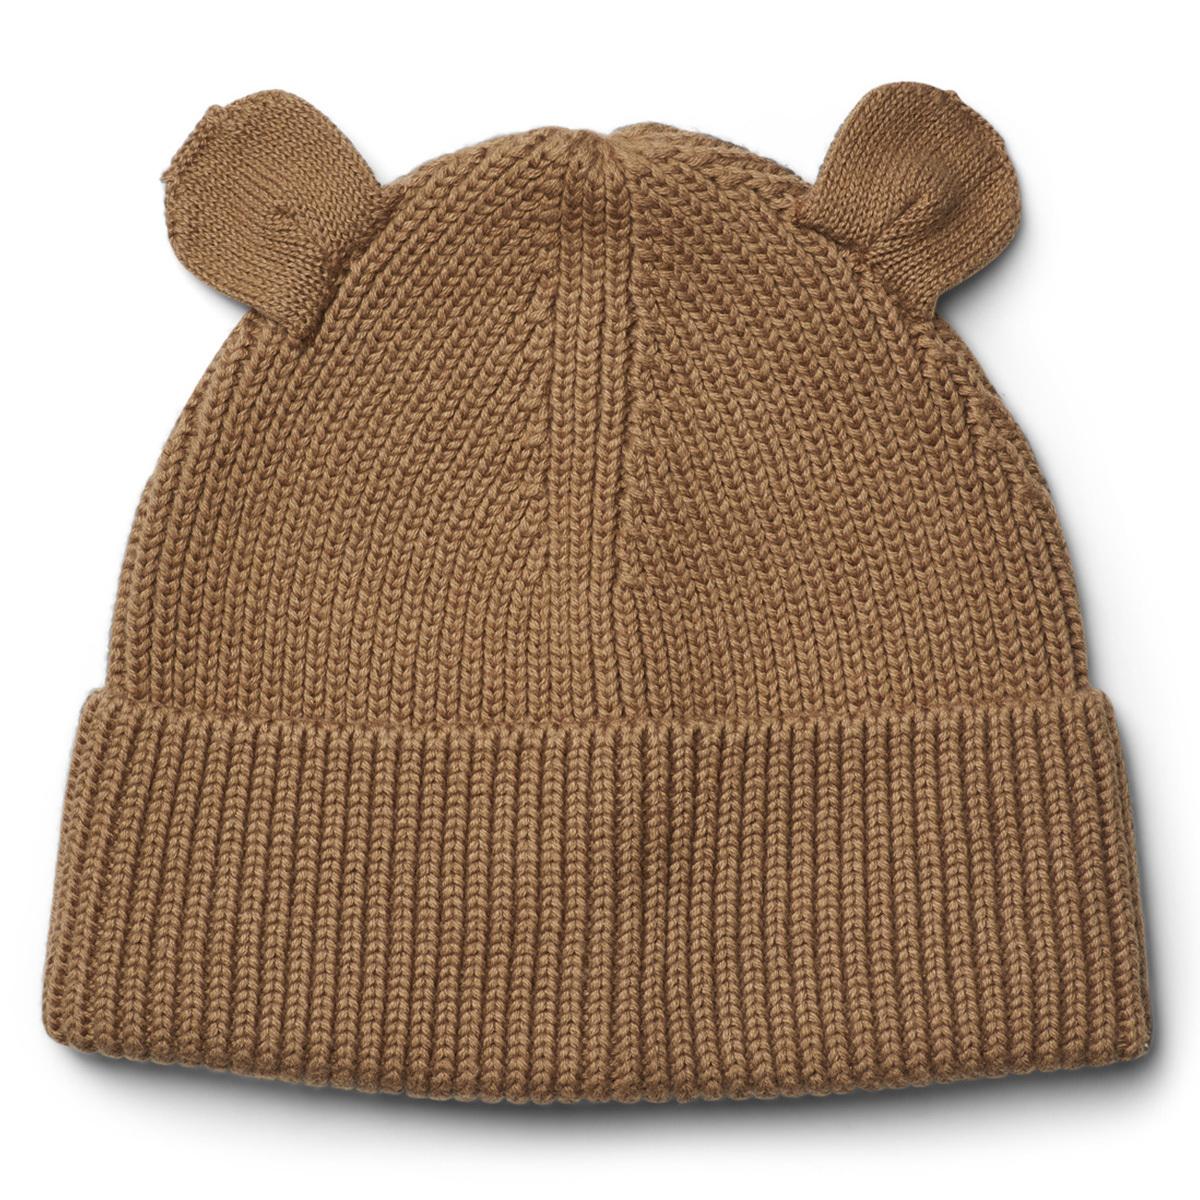 Accessoires bébé Bonnet Gina Camel - 12/24 Mois Bonnet Gina Camel - 12/24 Mois